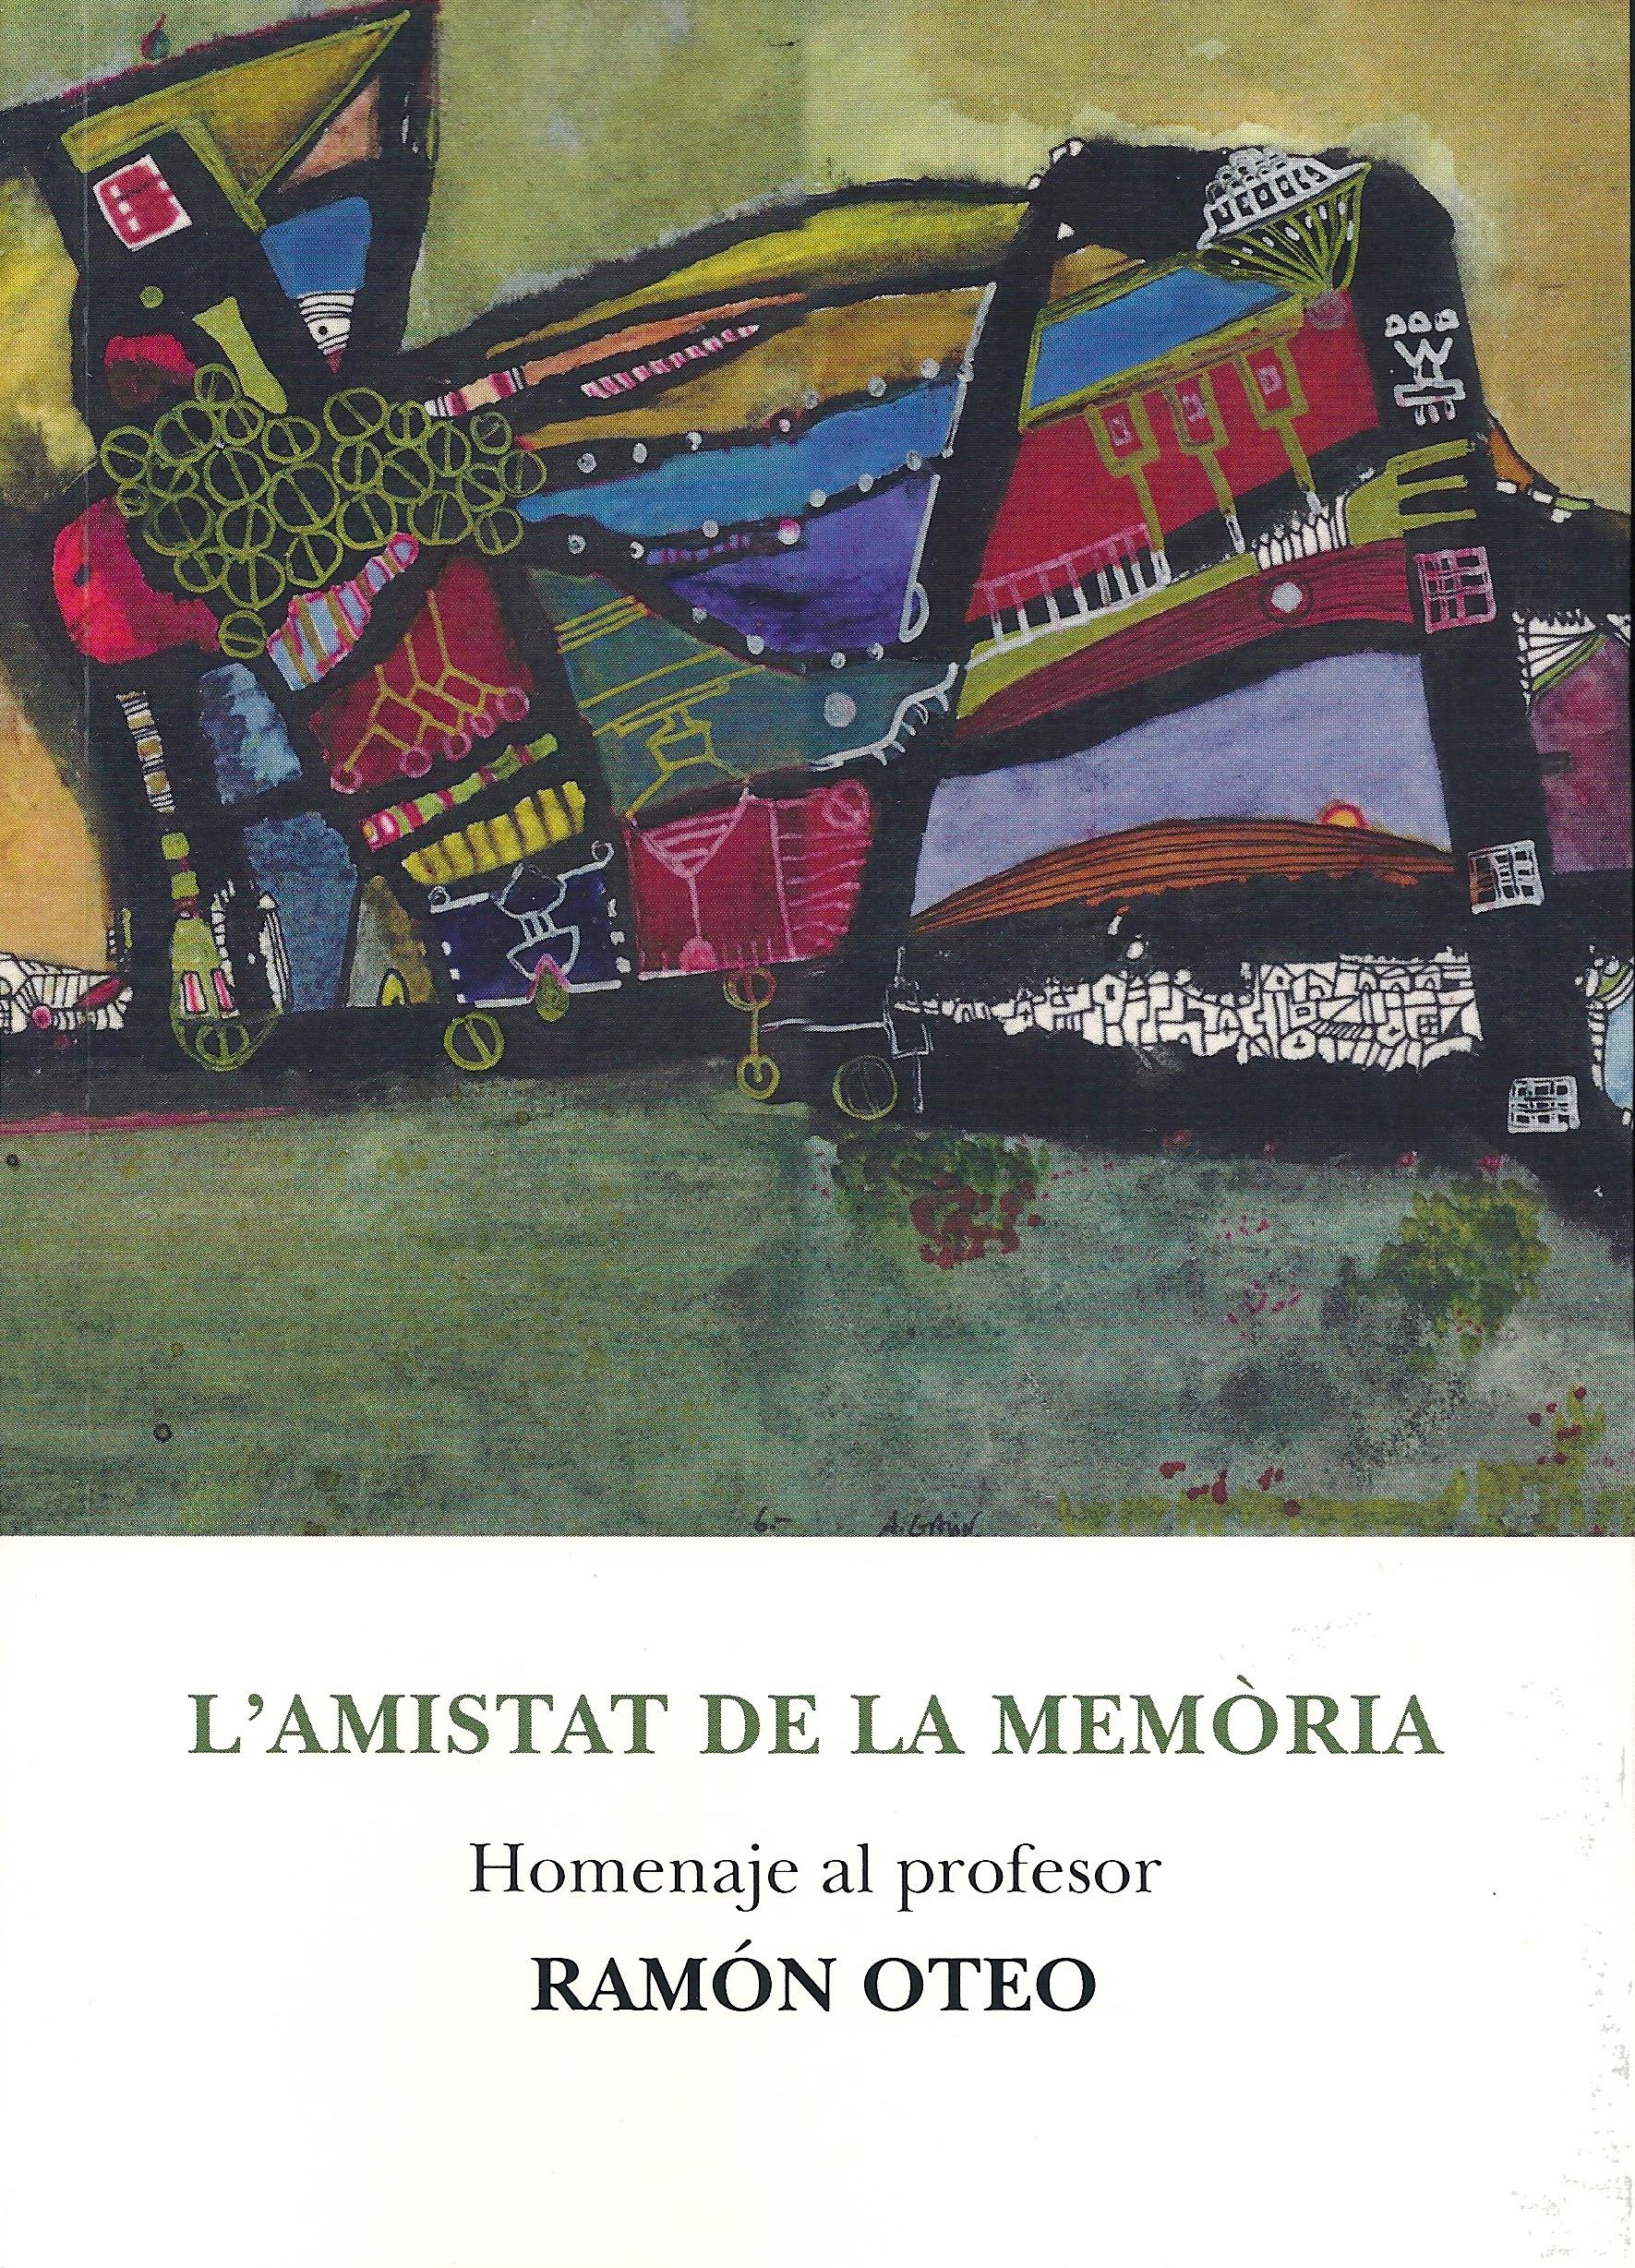 L'amistat de la memòria